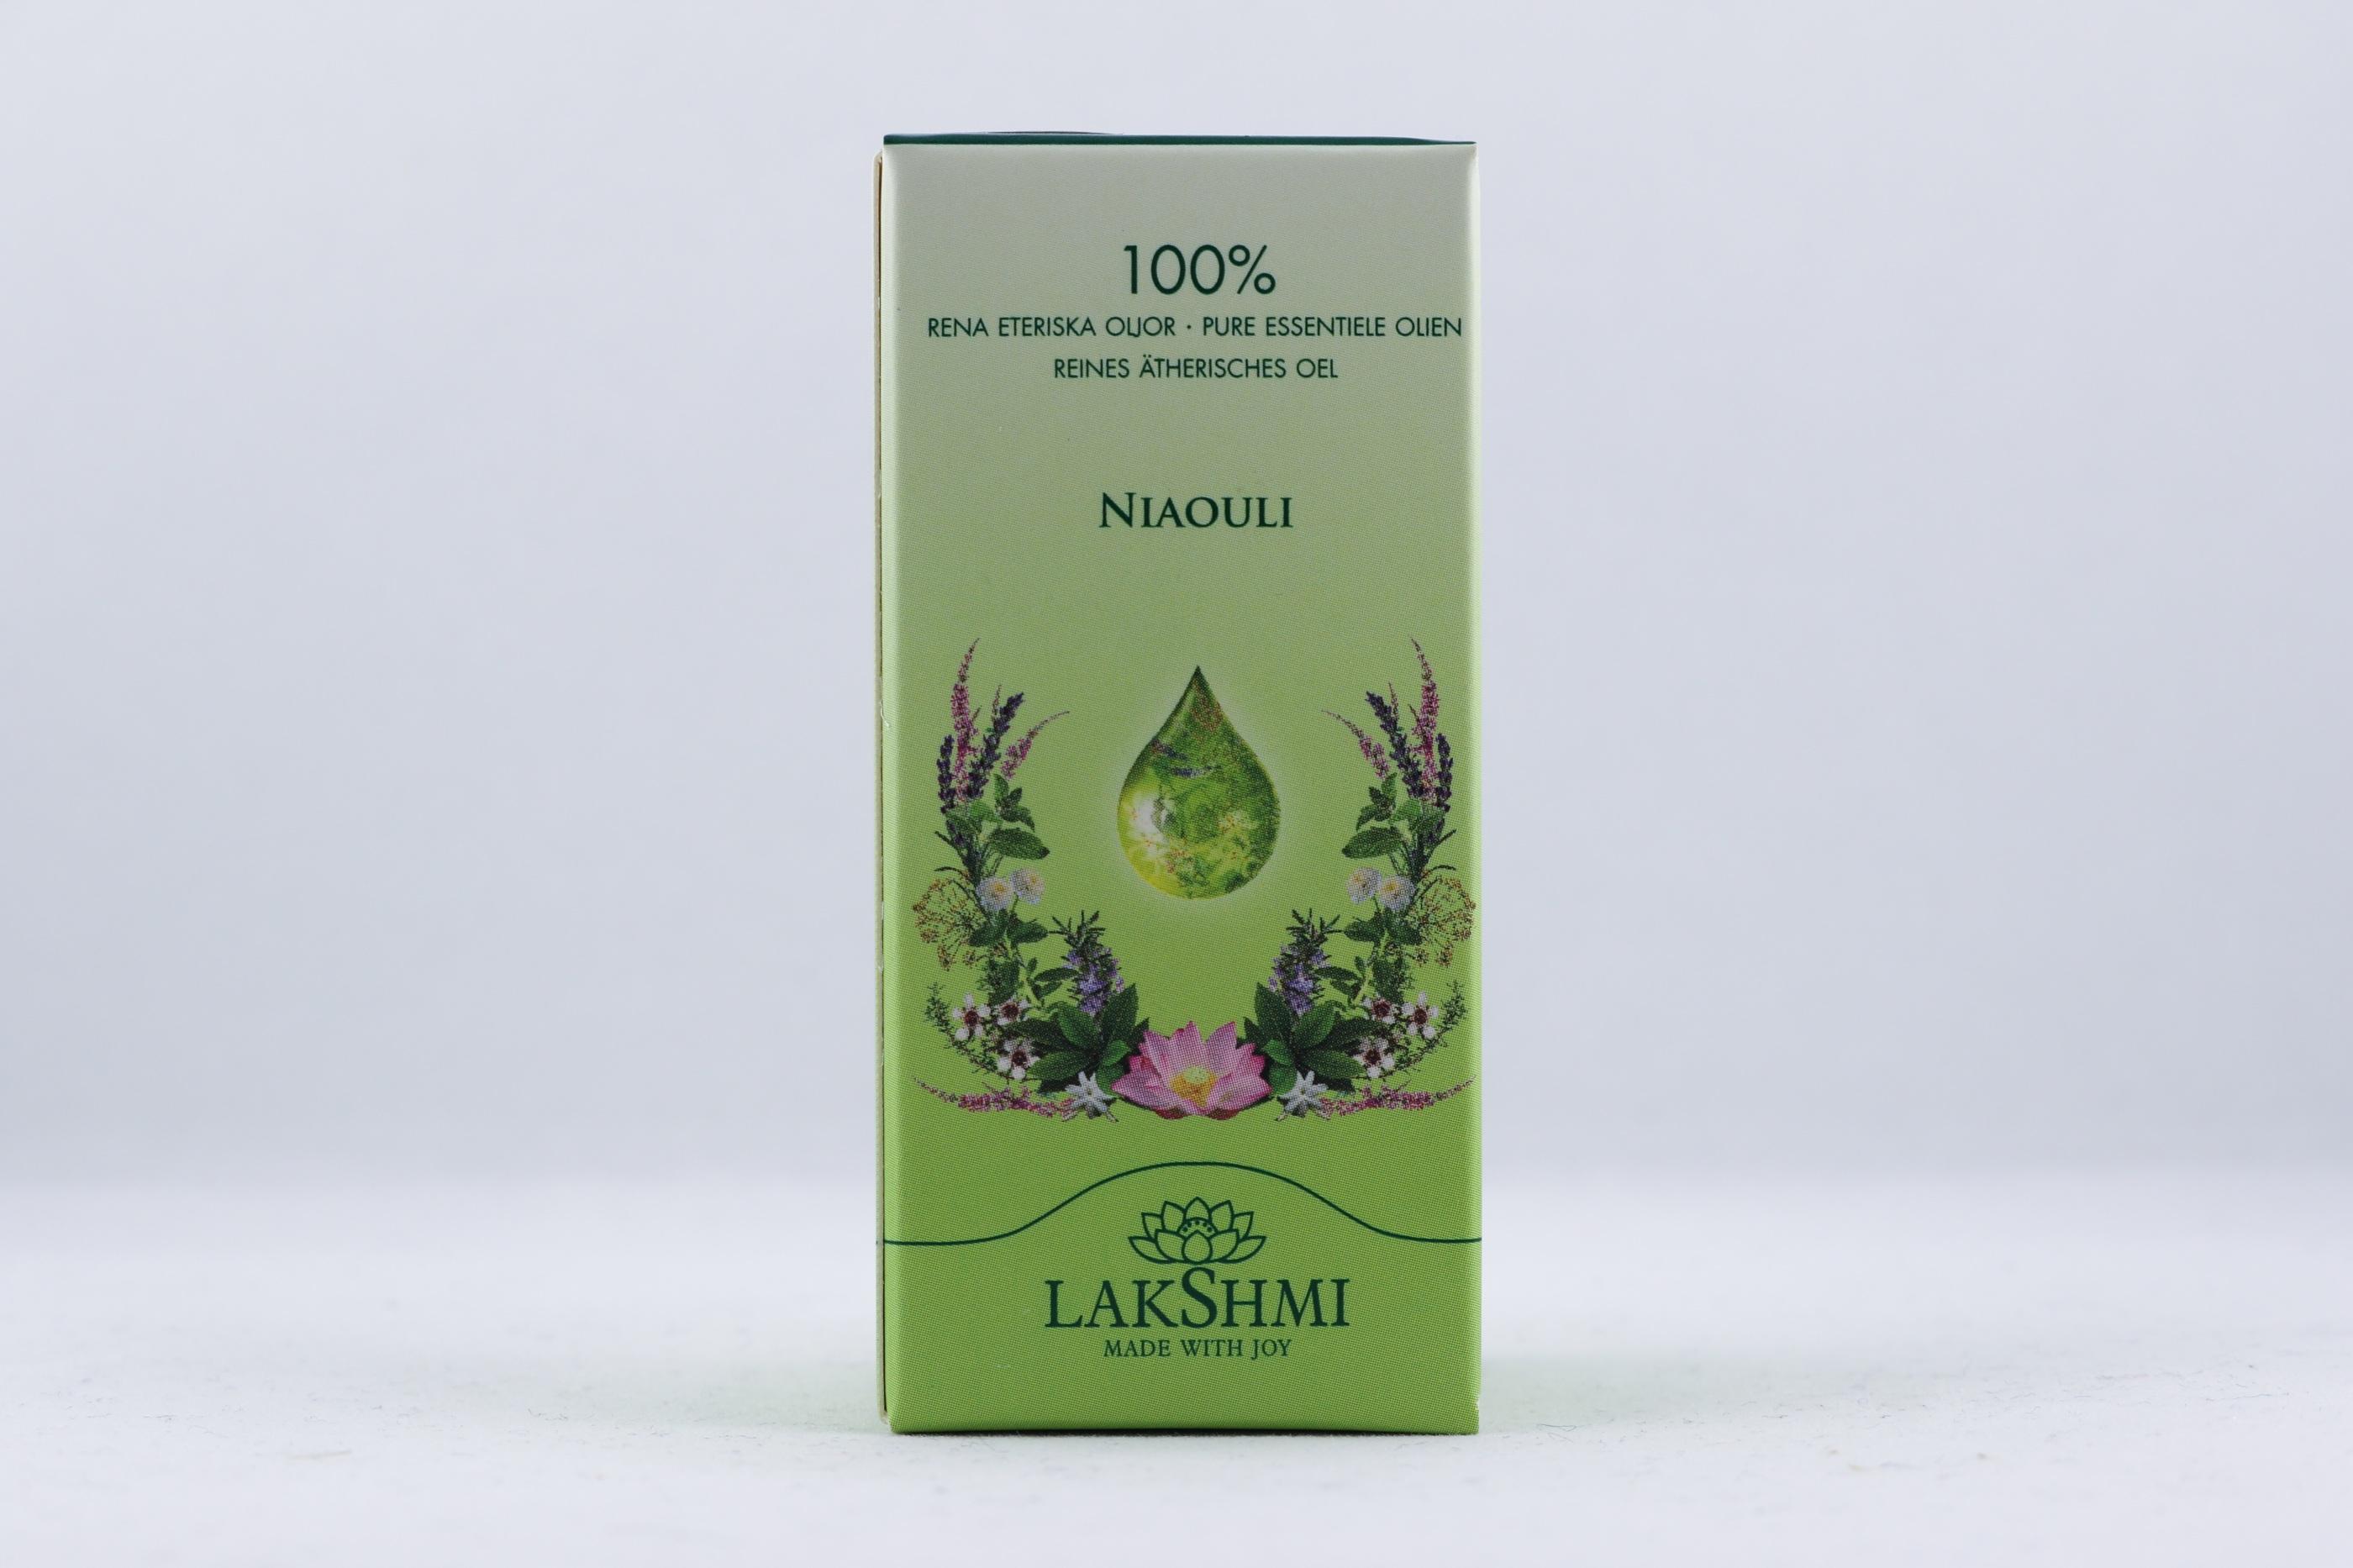 Niaouli olja wellness ayurveda halmstad sweden svensk eterisk aroma olja